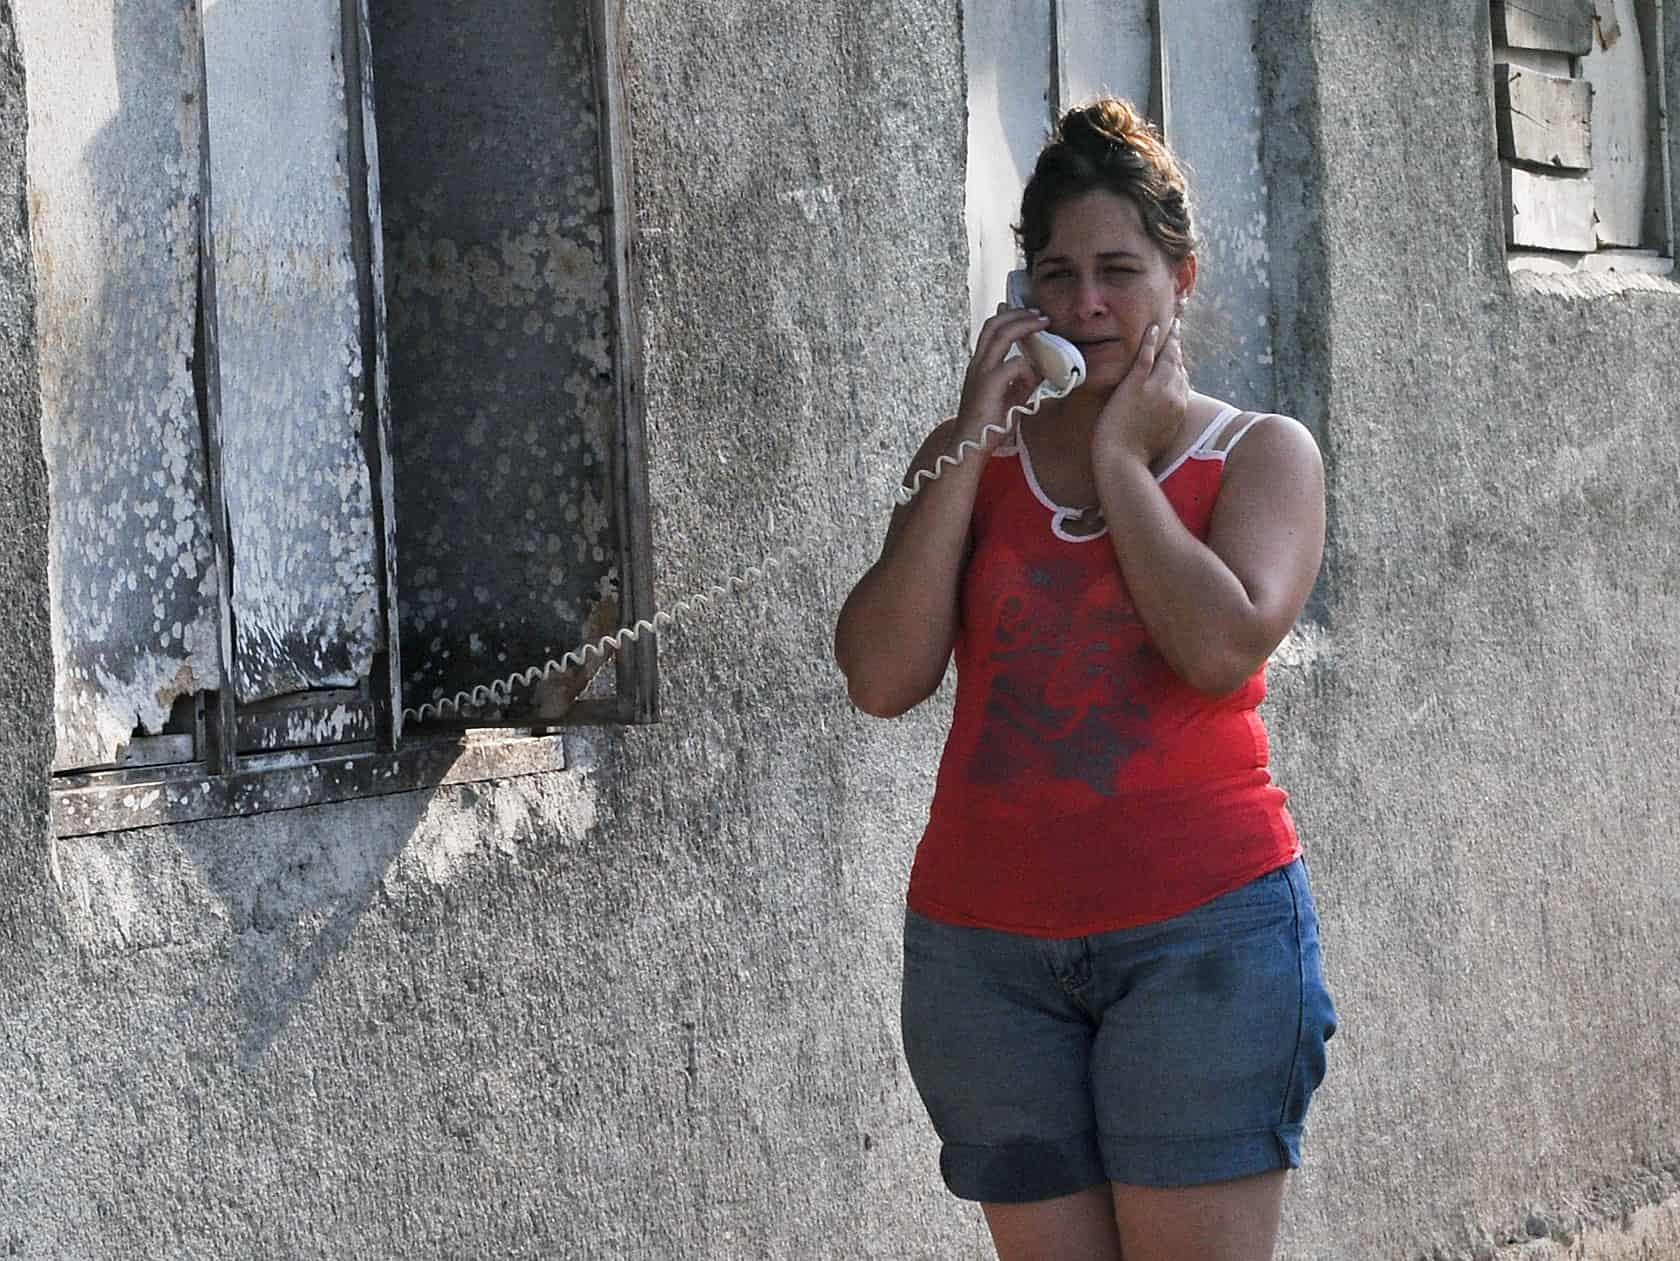 A Cuban woman talks on the phone on a Havana street.